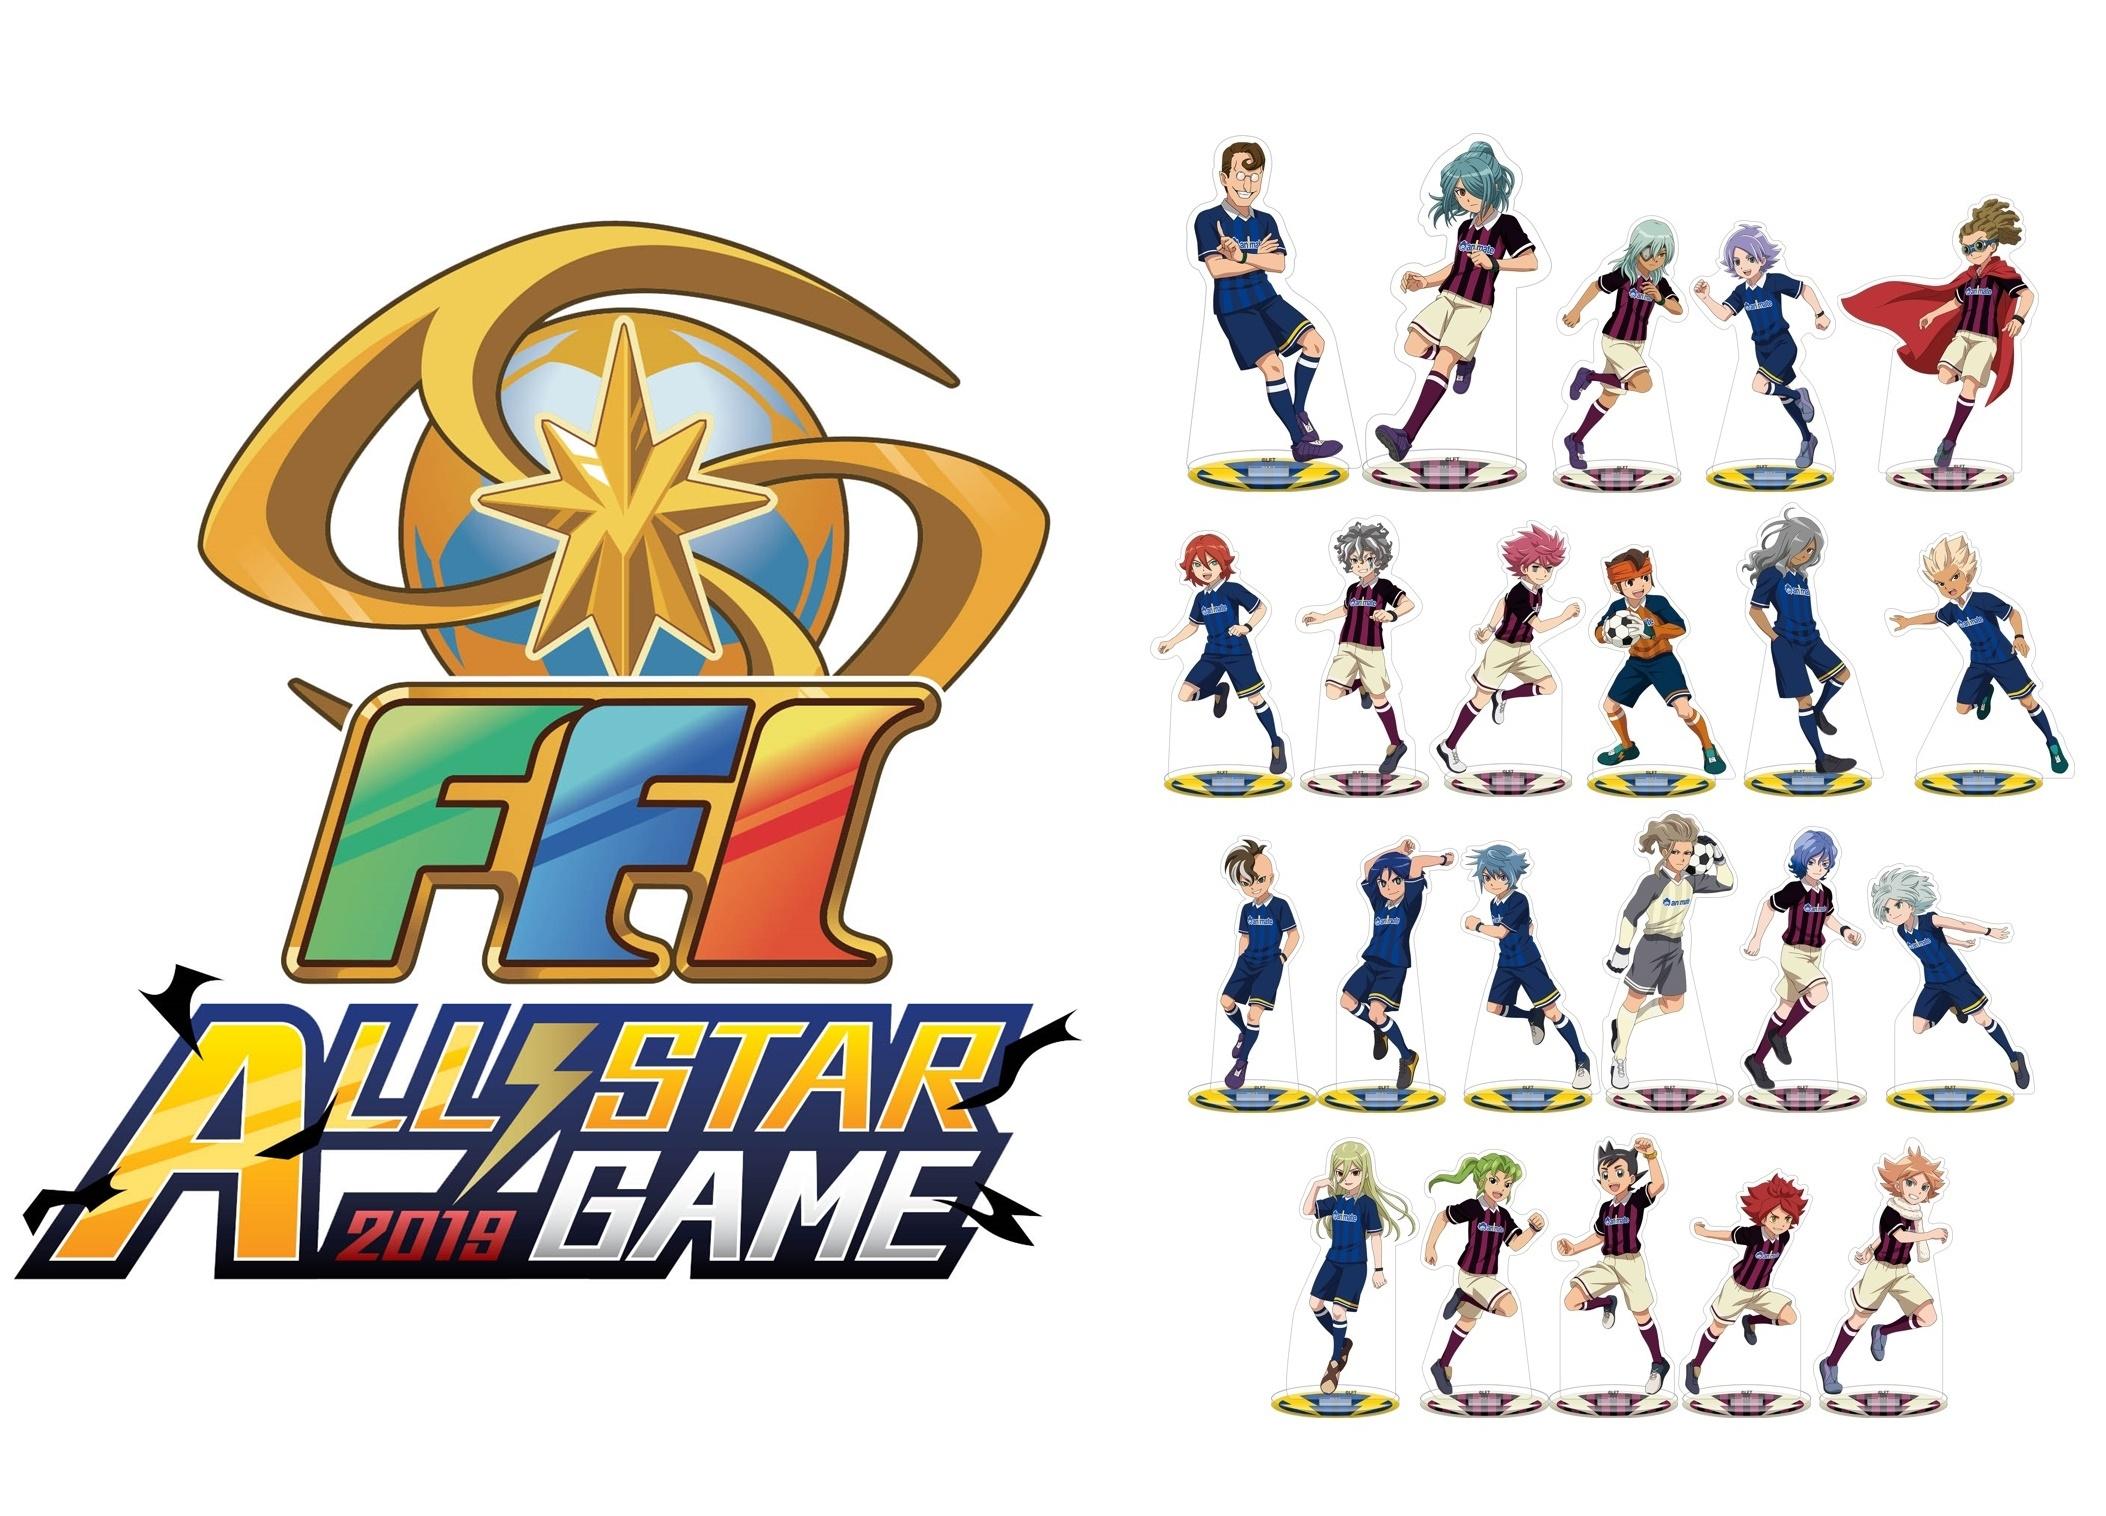 「イナイレ オールスター選抜ファン投票」22名がアニメイトでグッズ化